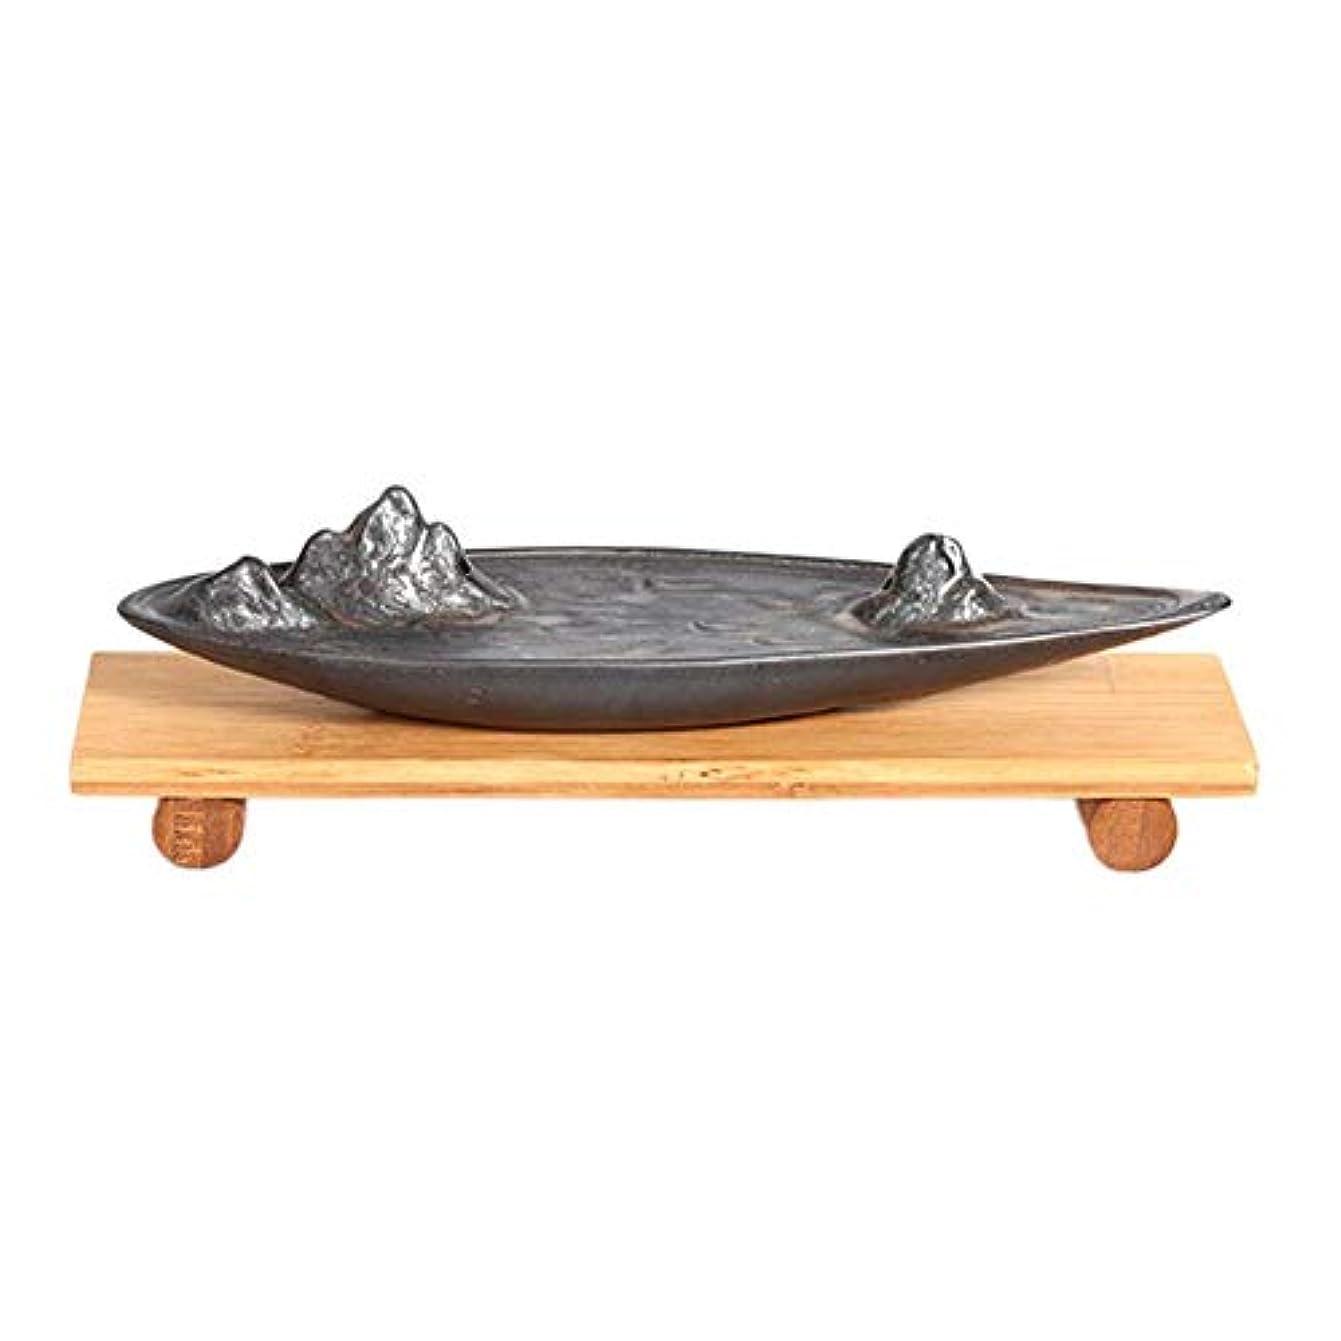 構造的インゲン届ける線香立て 横置き 線香ホルダー 線香皿 陶器製 茶道用品 仏壇用品 おしゃれ インテリア 卓上置物 竹製ベース付き hjuns-Wu